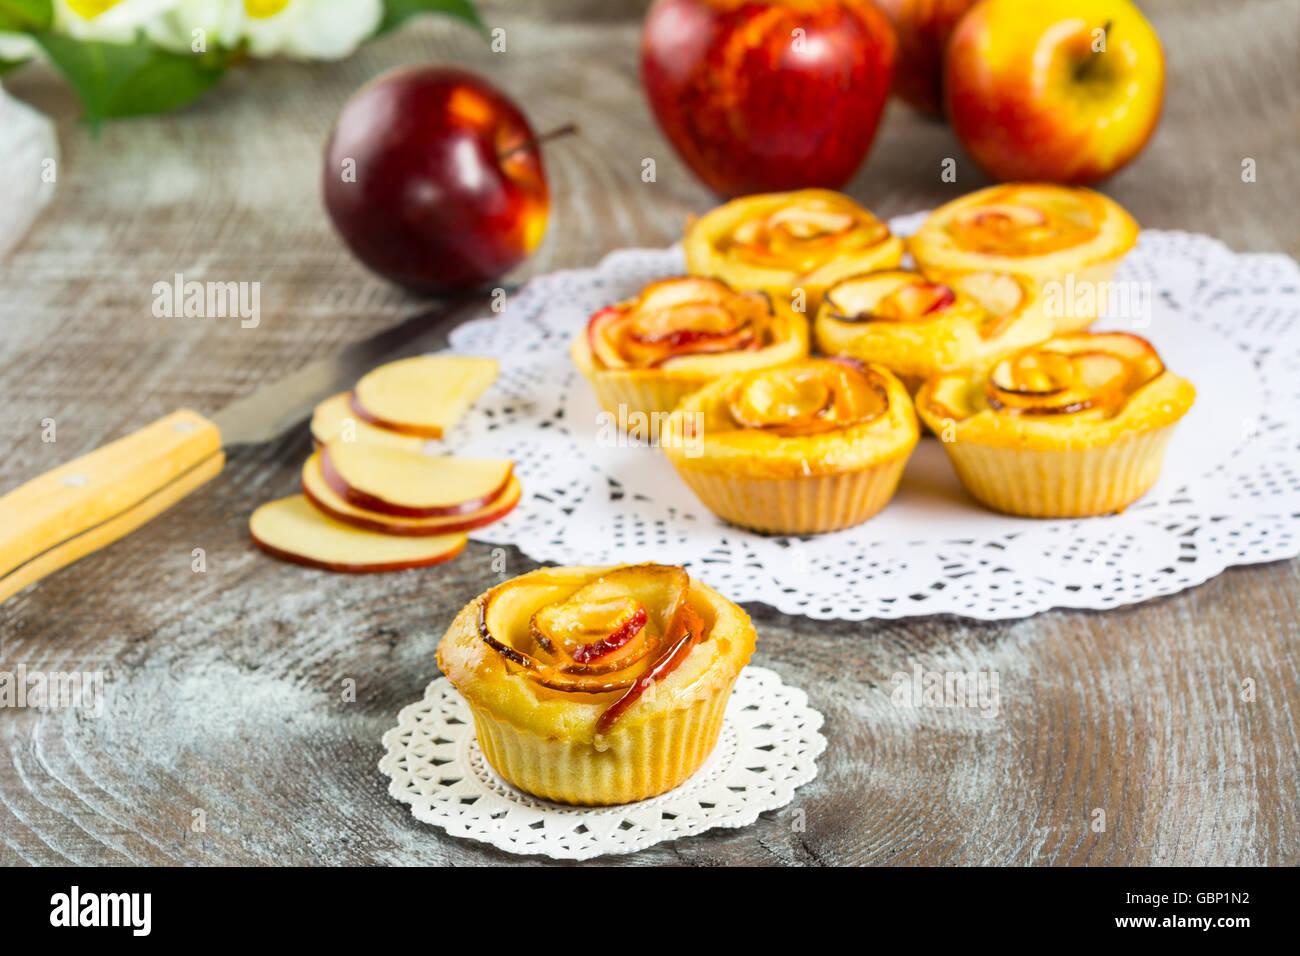 Resep Cake Ketofastosis: Apple Rose Cake